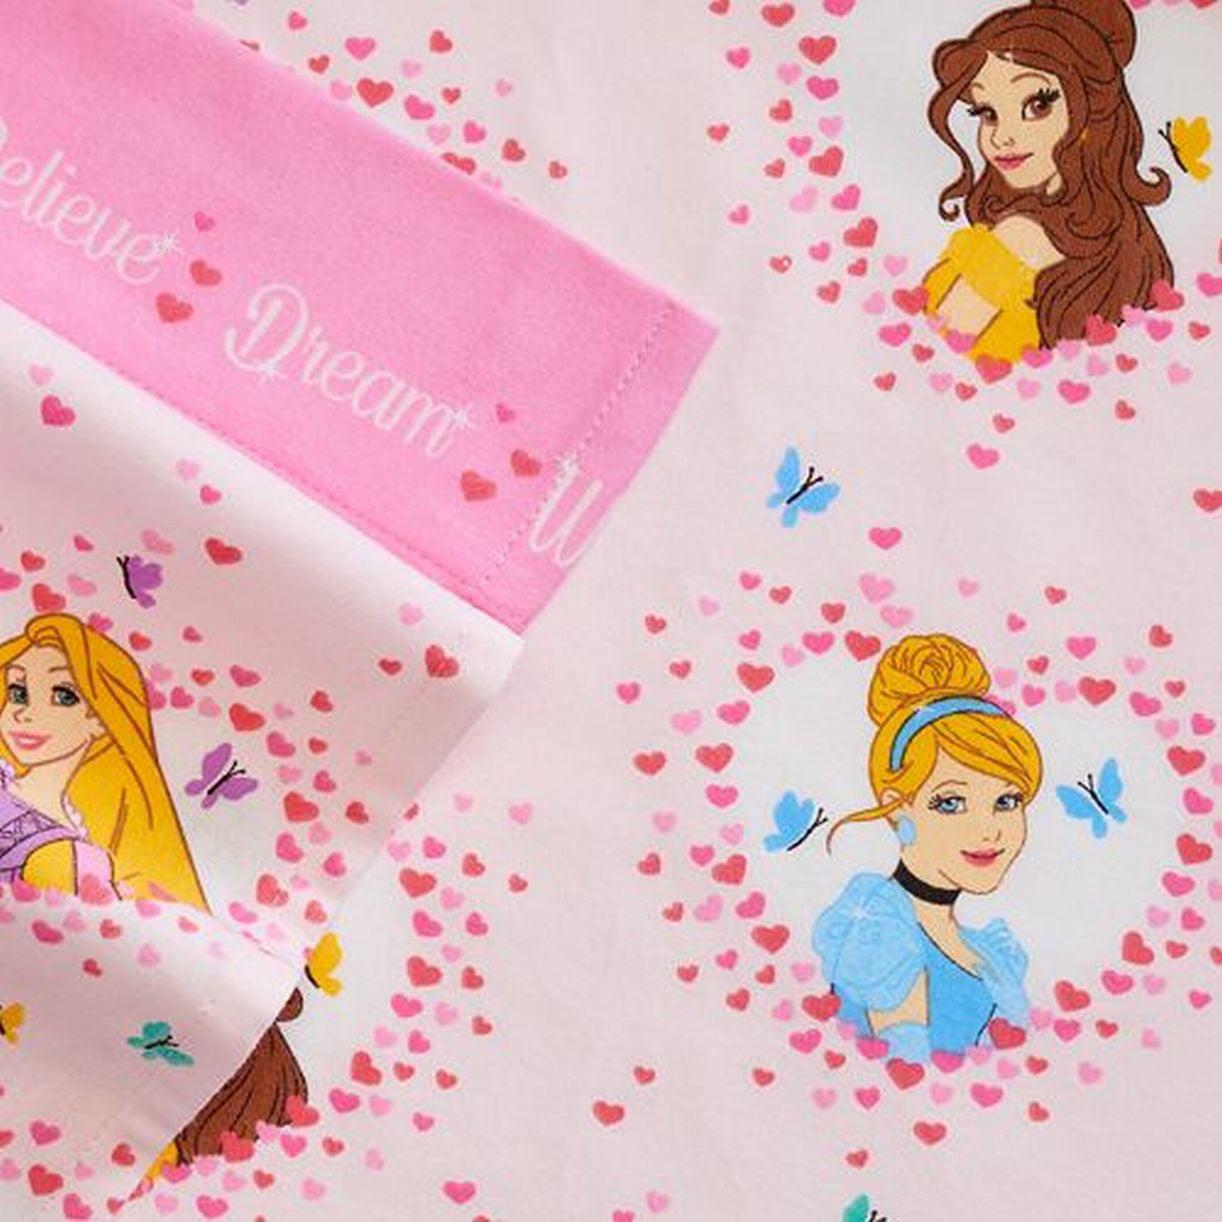 Disney Princess Cinderella Belle Flannel Sheet Set Full Bed Sheets ...